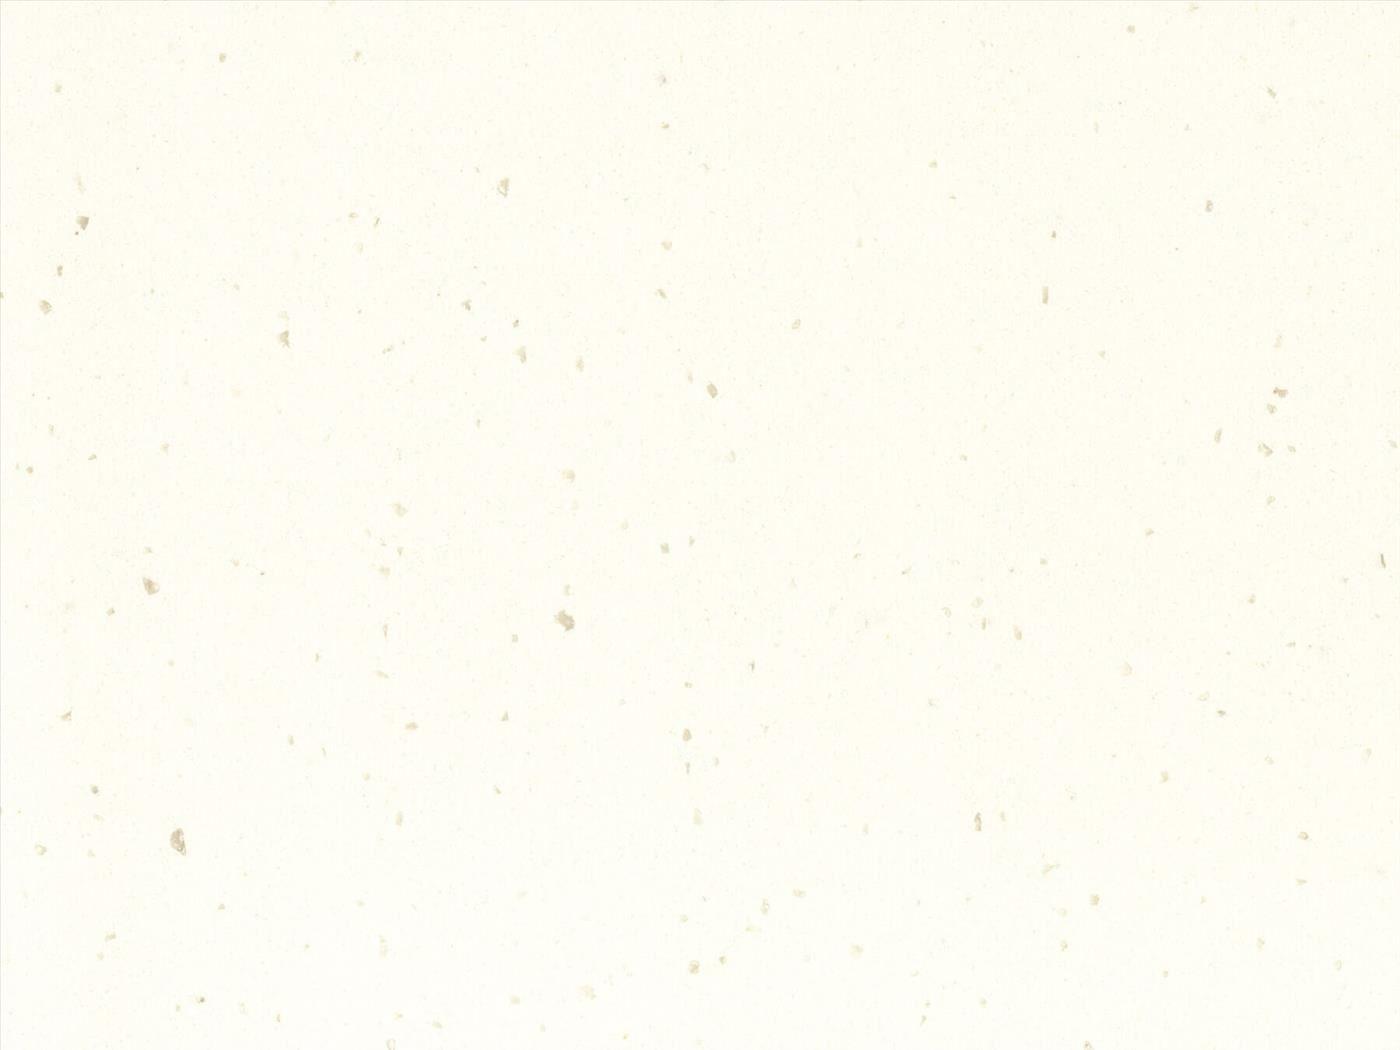 קוריאן white jasmine